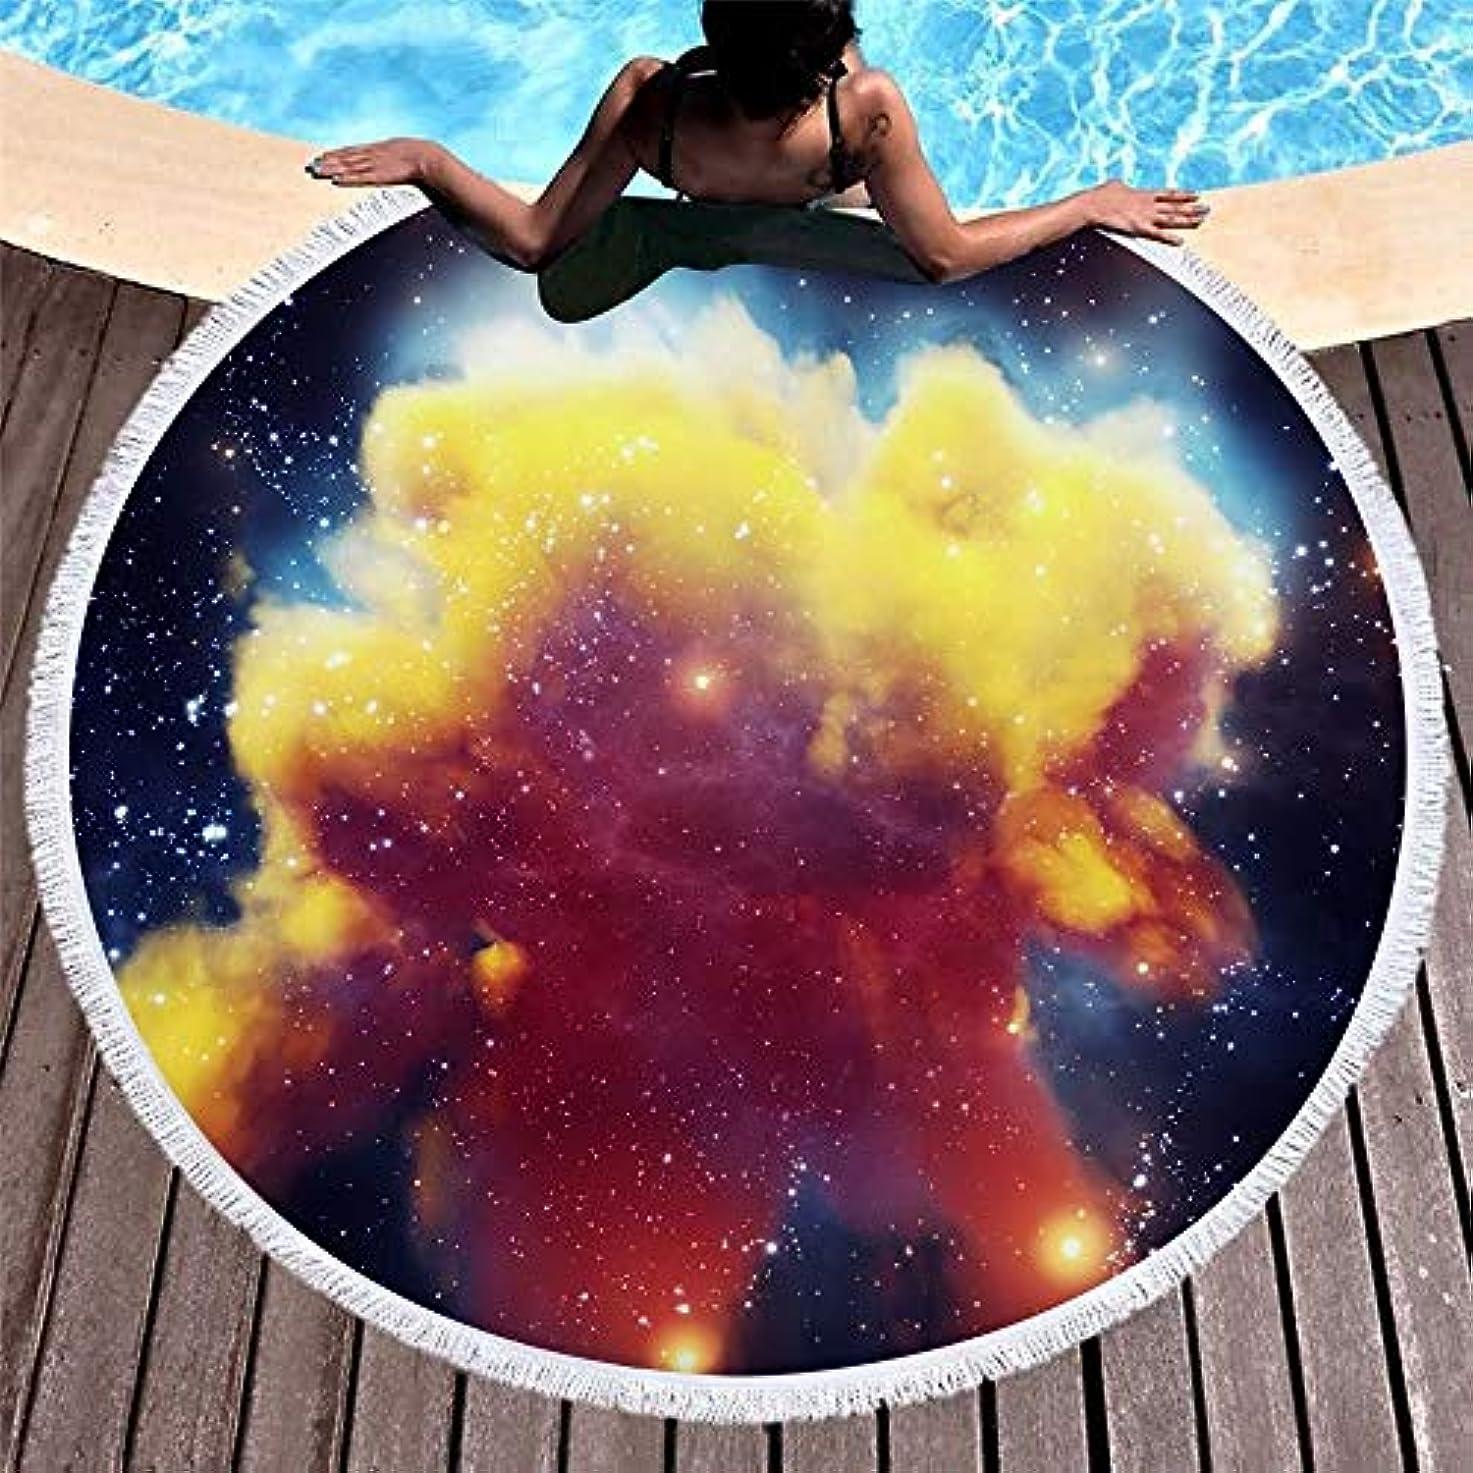 地質学それにもかかわらず終わり宇宙スタープリントラウンドビーチタオルタッセル付きマイクロファイバーヨガマットプールピクニック毛布150 Cm (色 : 77, サイズ : 150CM)